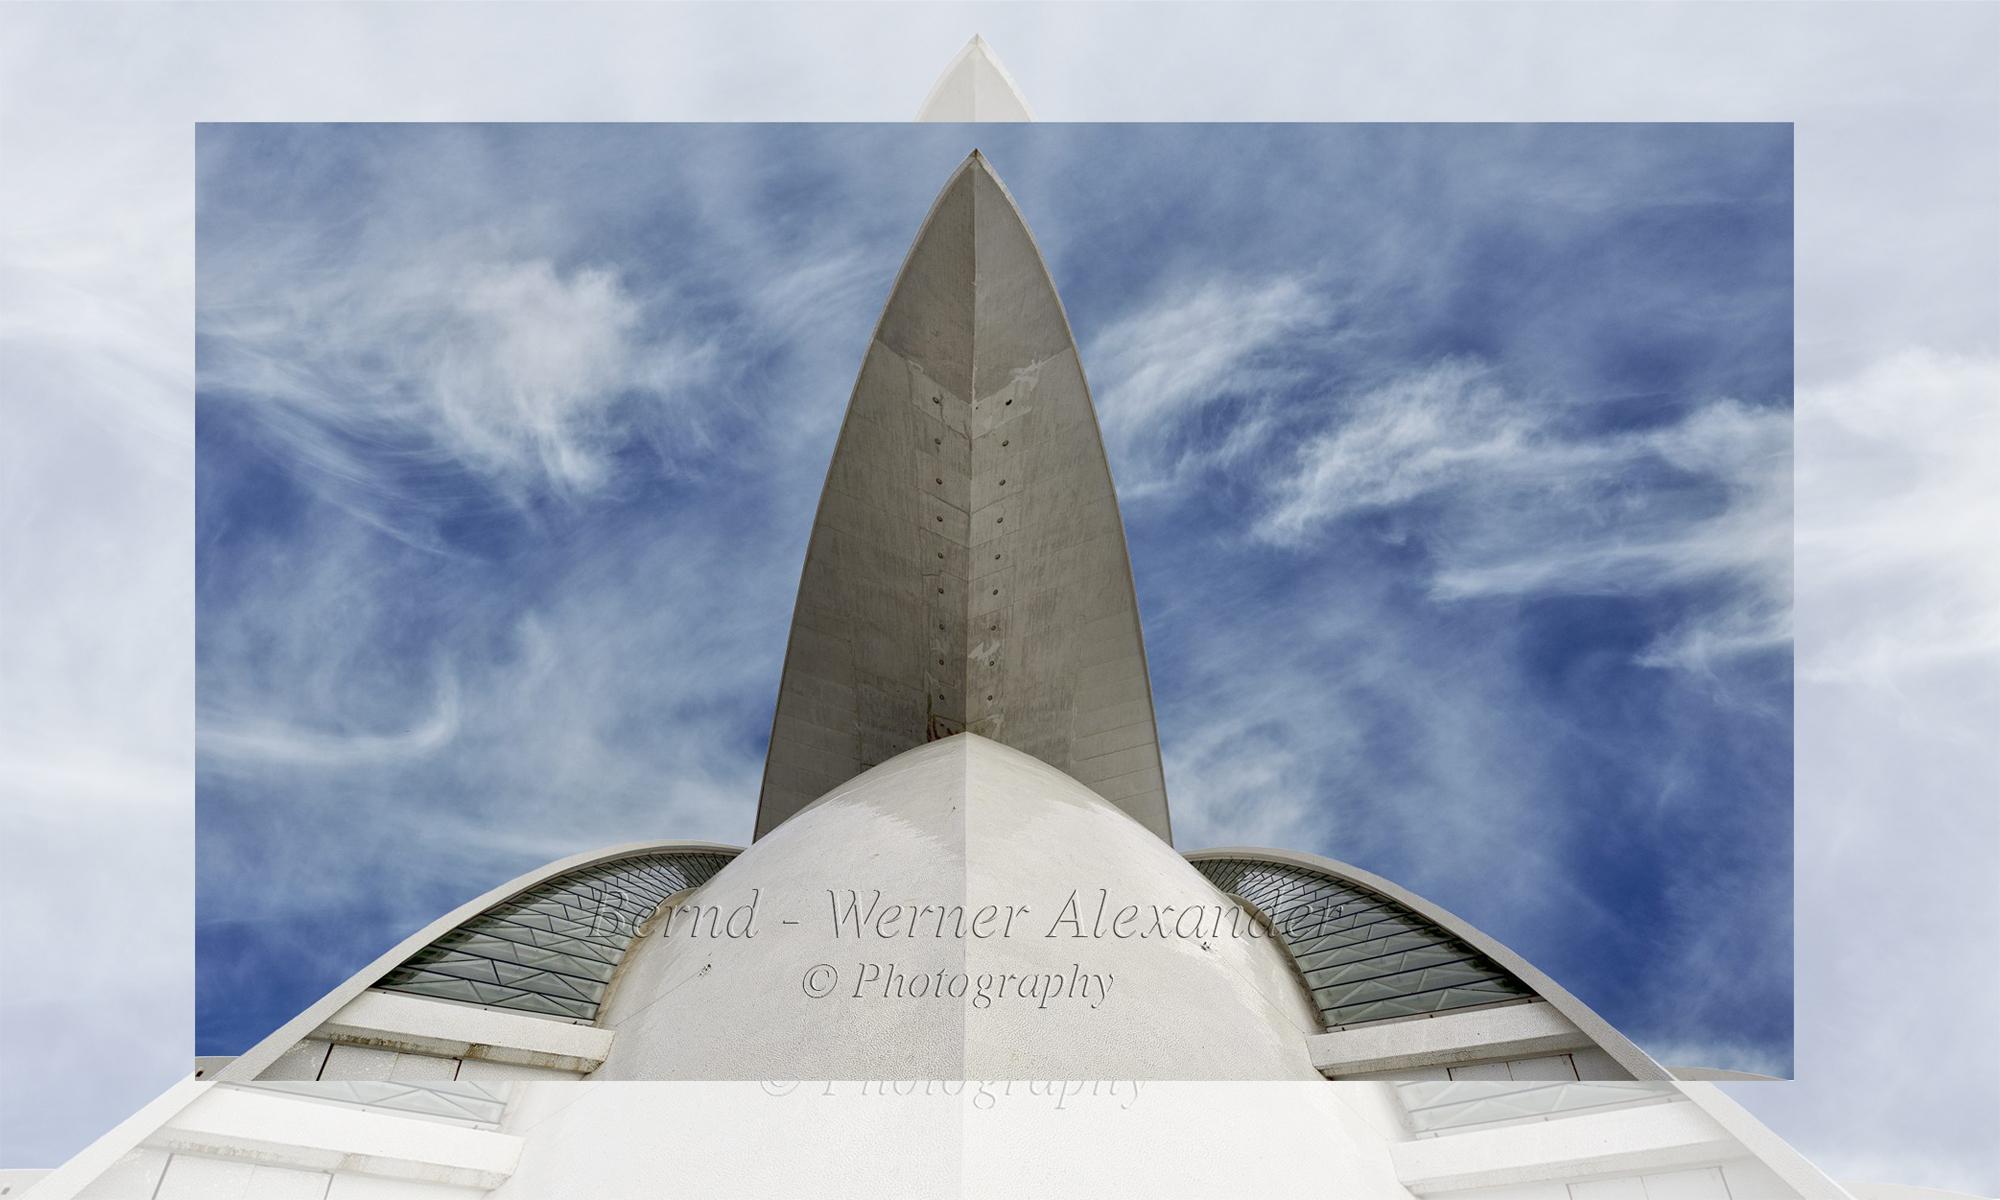 Bernd - Werner  Alexander